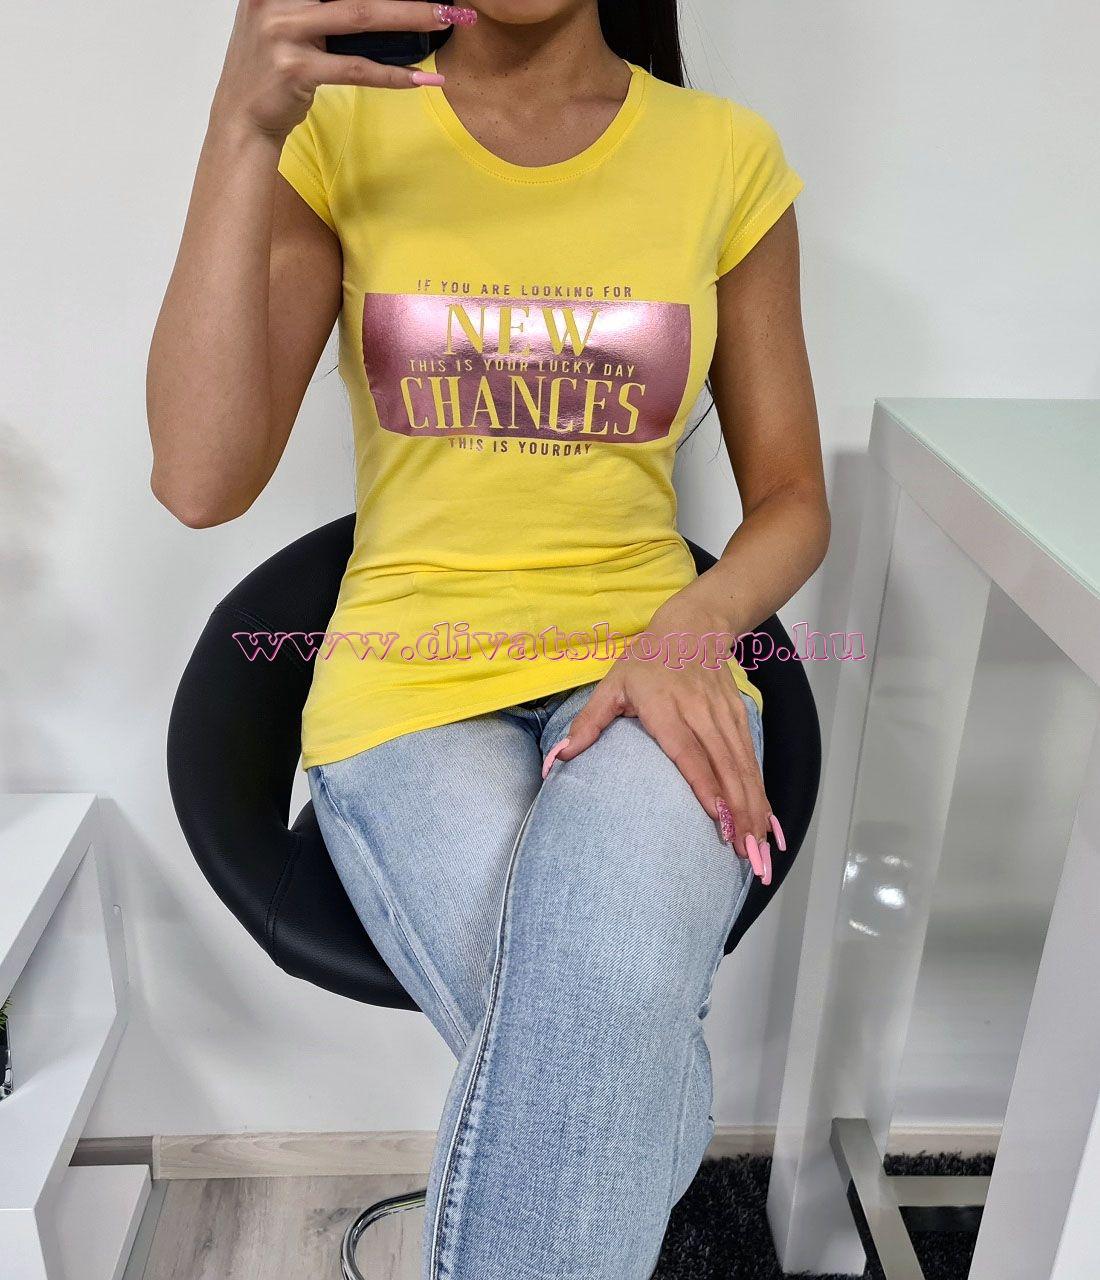 New Chances feliratos póló (sárga)